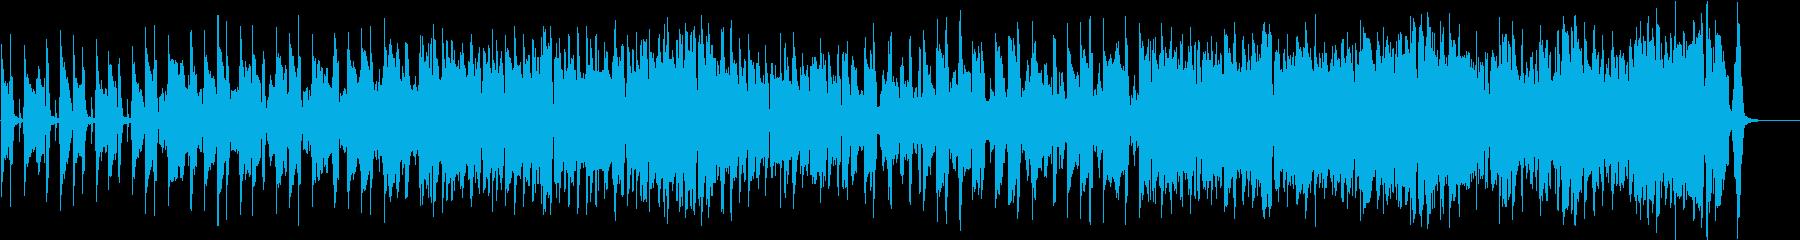 ケルト・アイリッシュのコミカルな行進曲の再生済みの波形